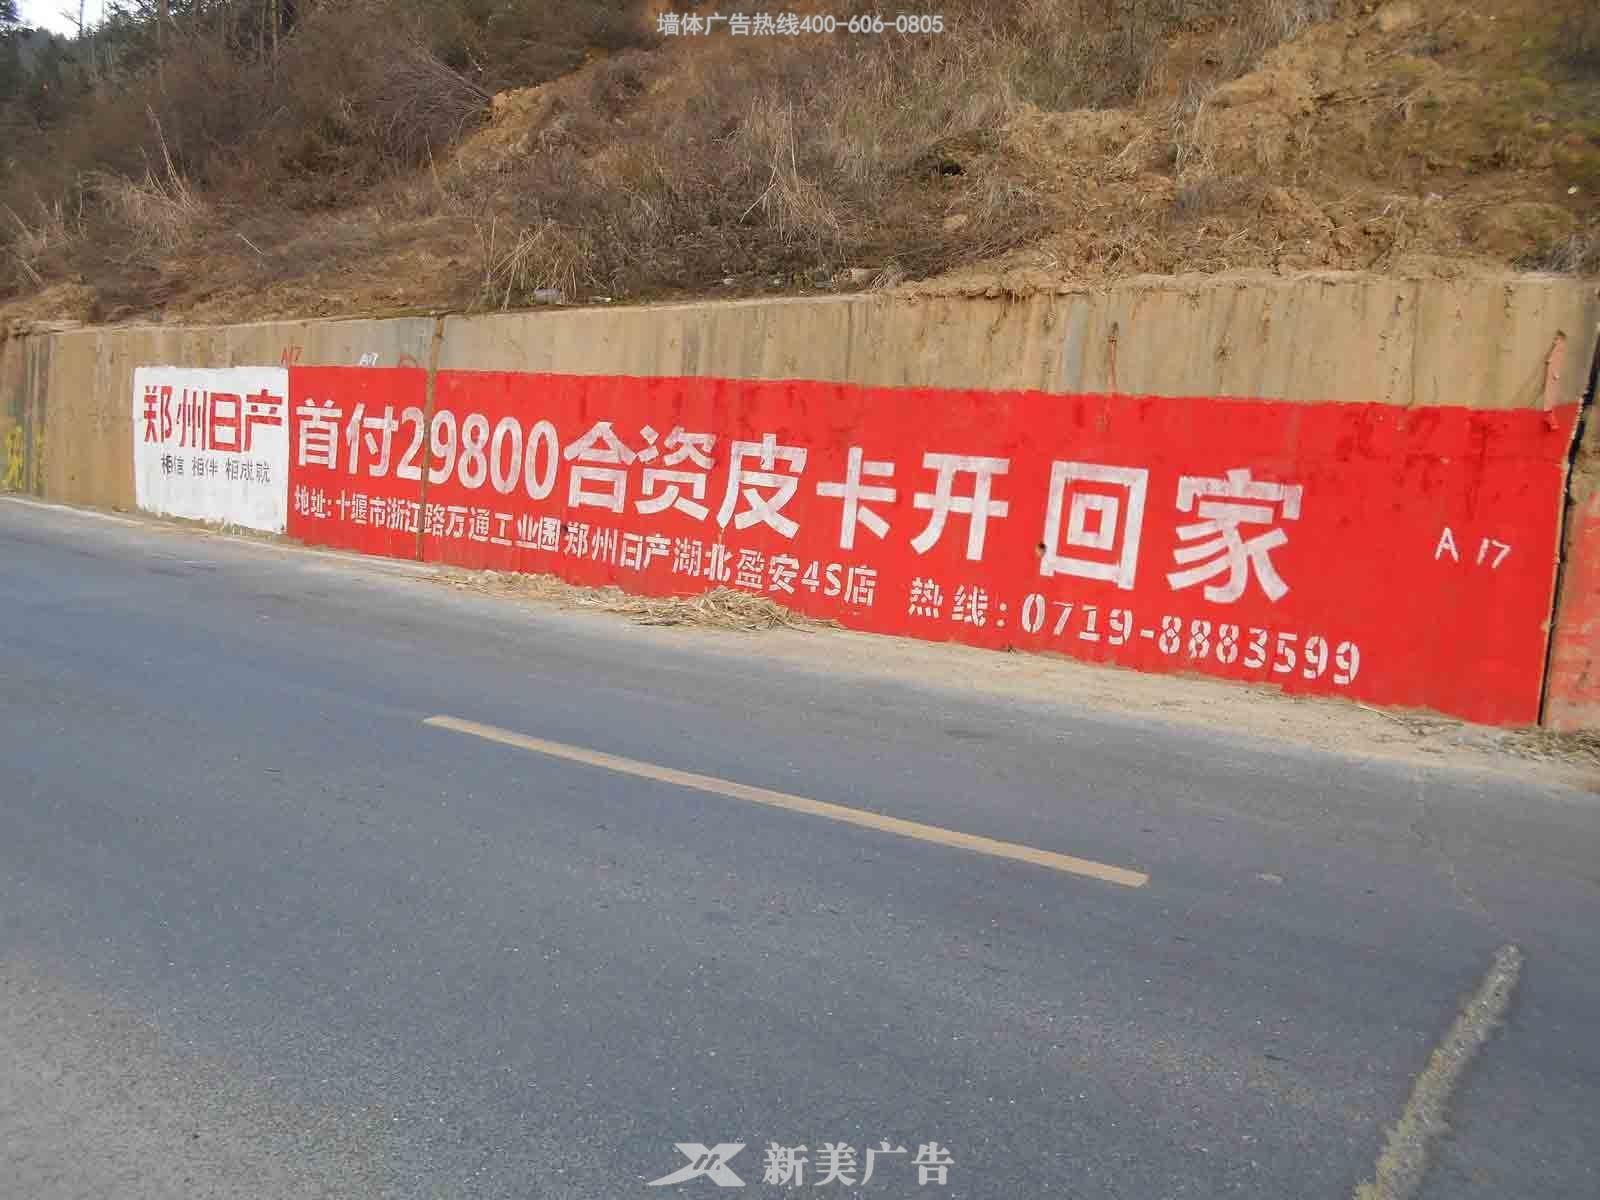 郑州日产第一批bobapp下载苹果广告